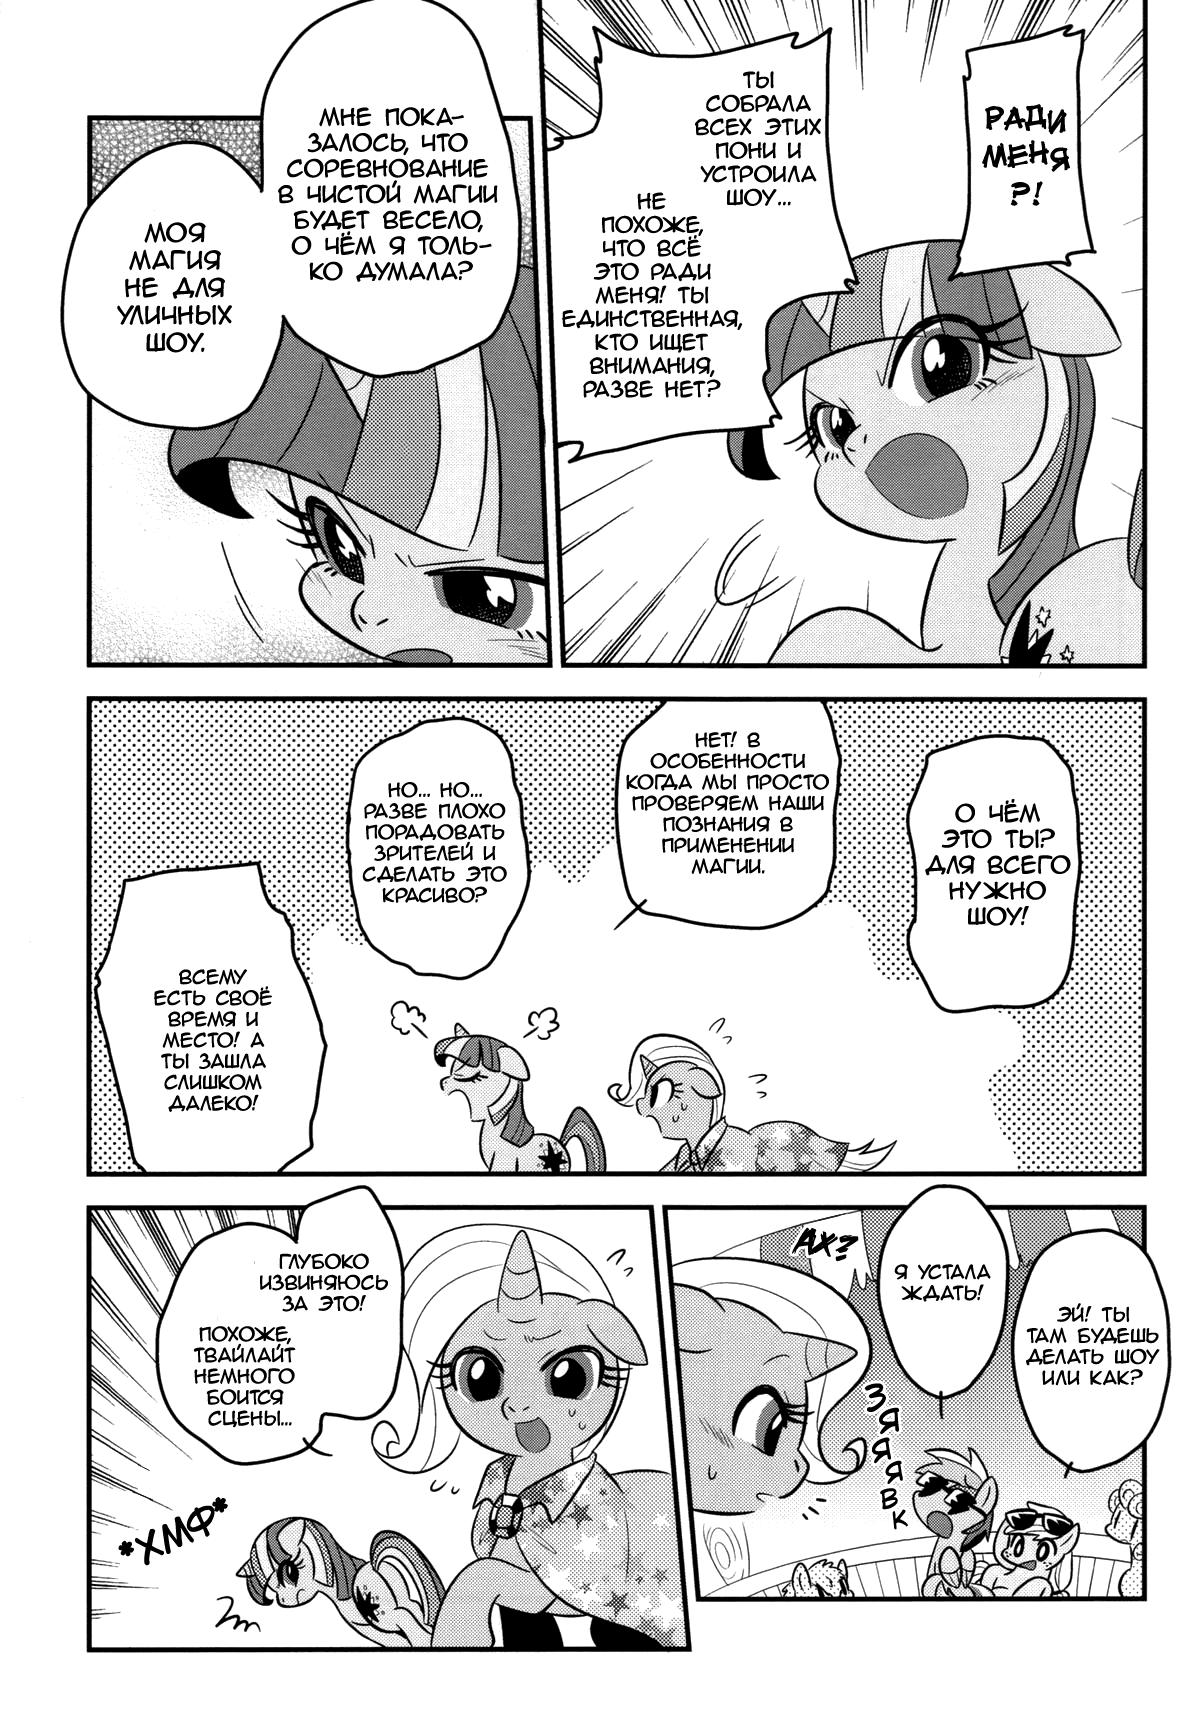 Ура комиксы #2 - Изображение 12